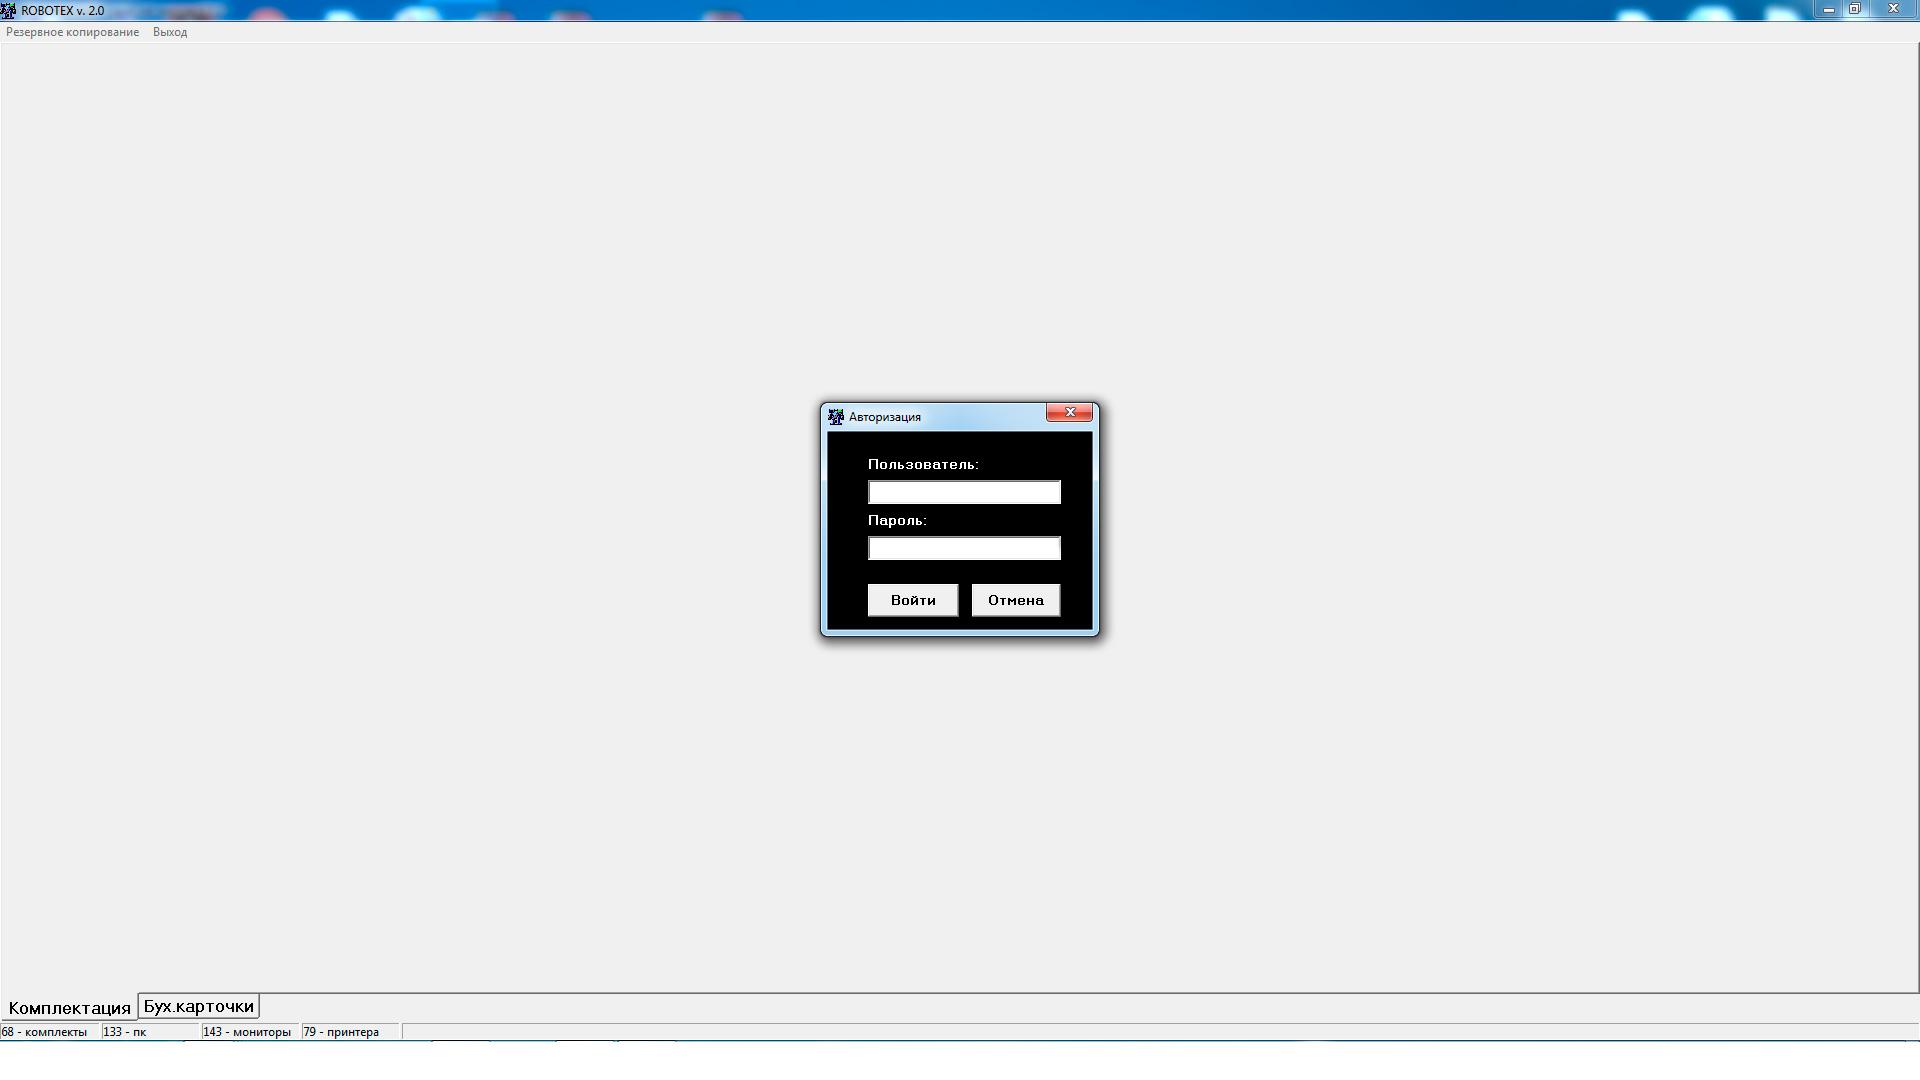 """Автоматизированная система """"Robotex 2.0"""" ( язык программирования Delphi )"""